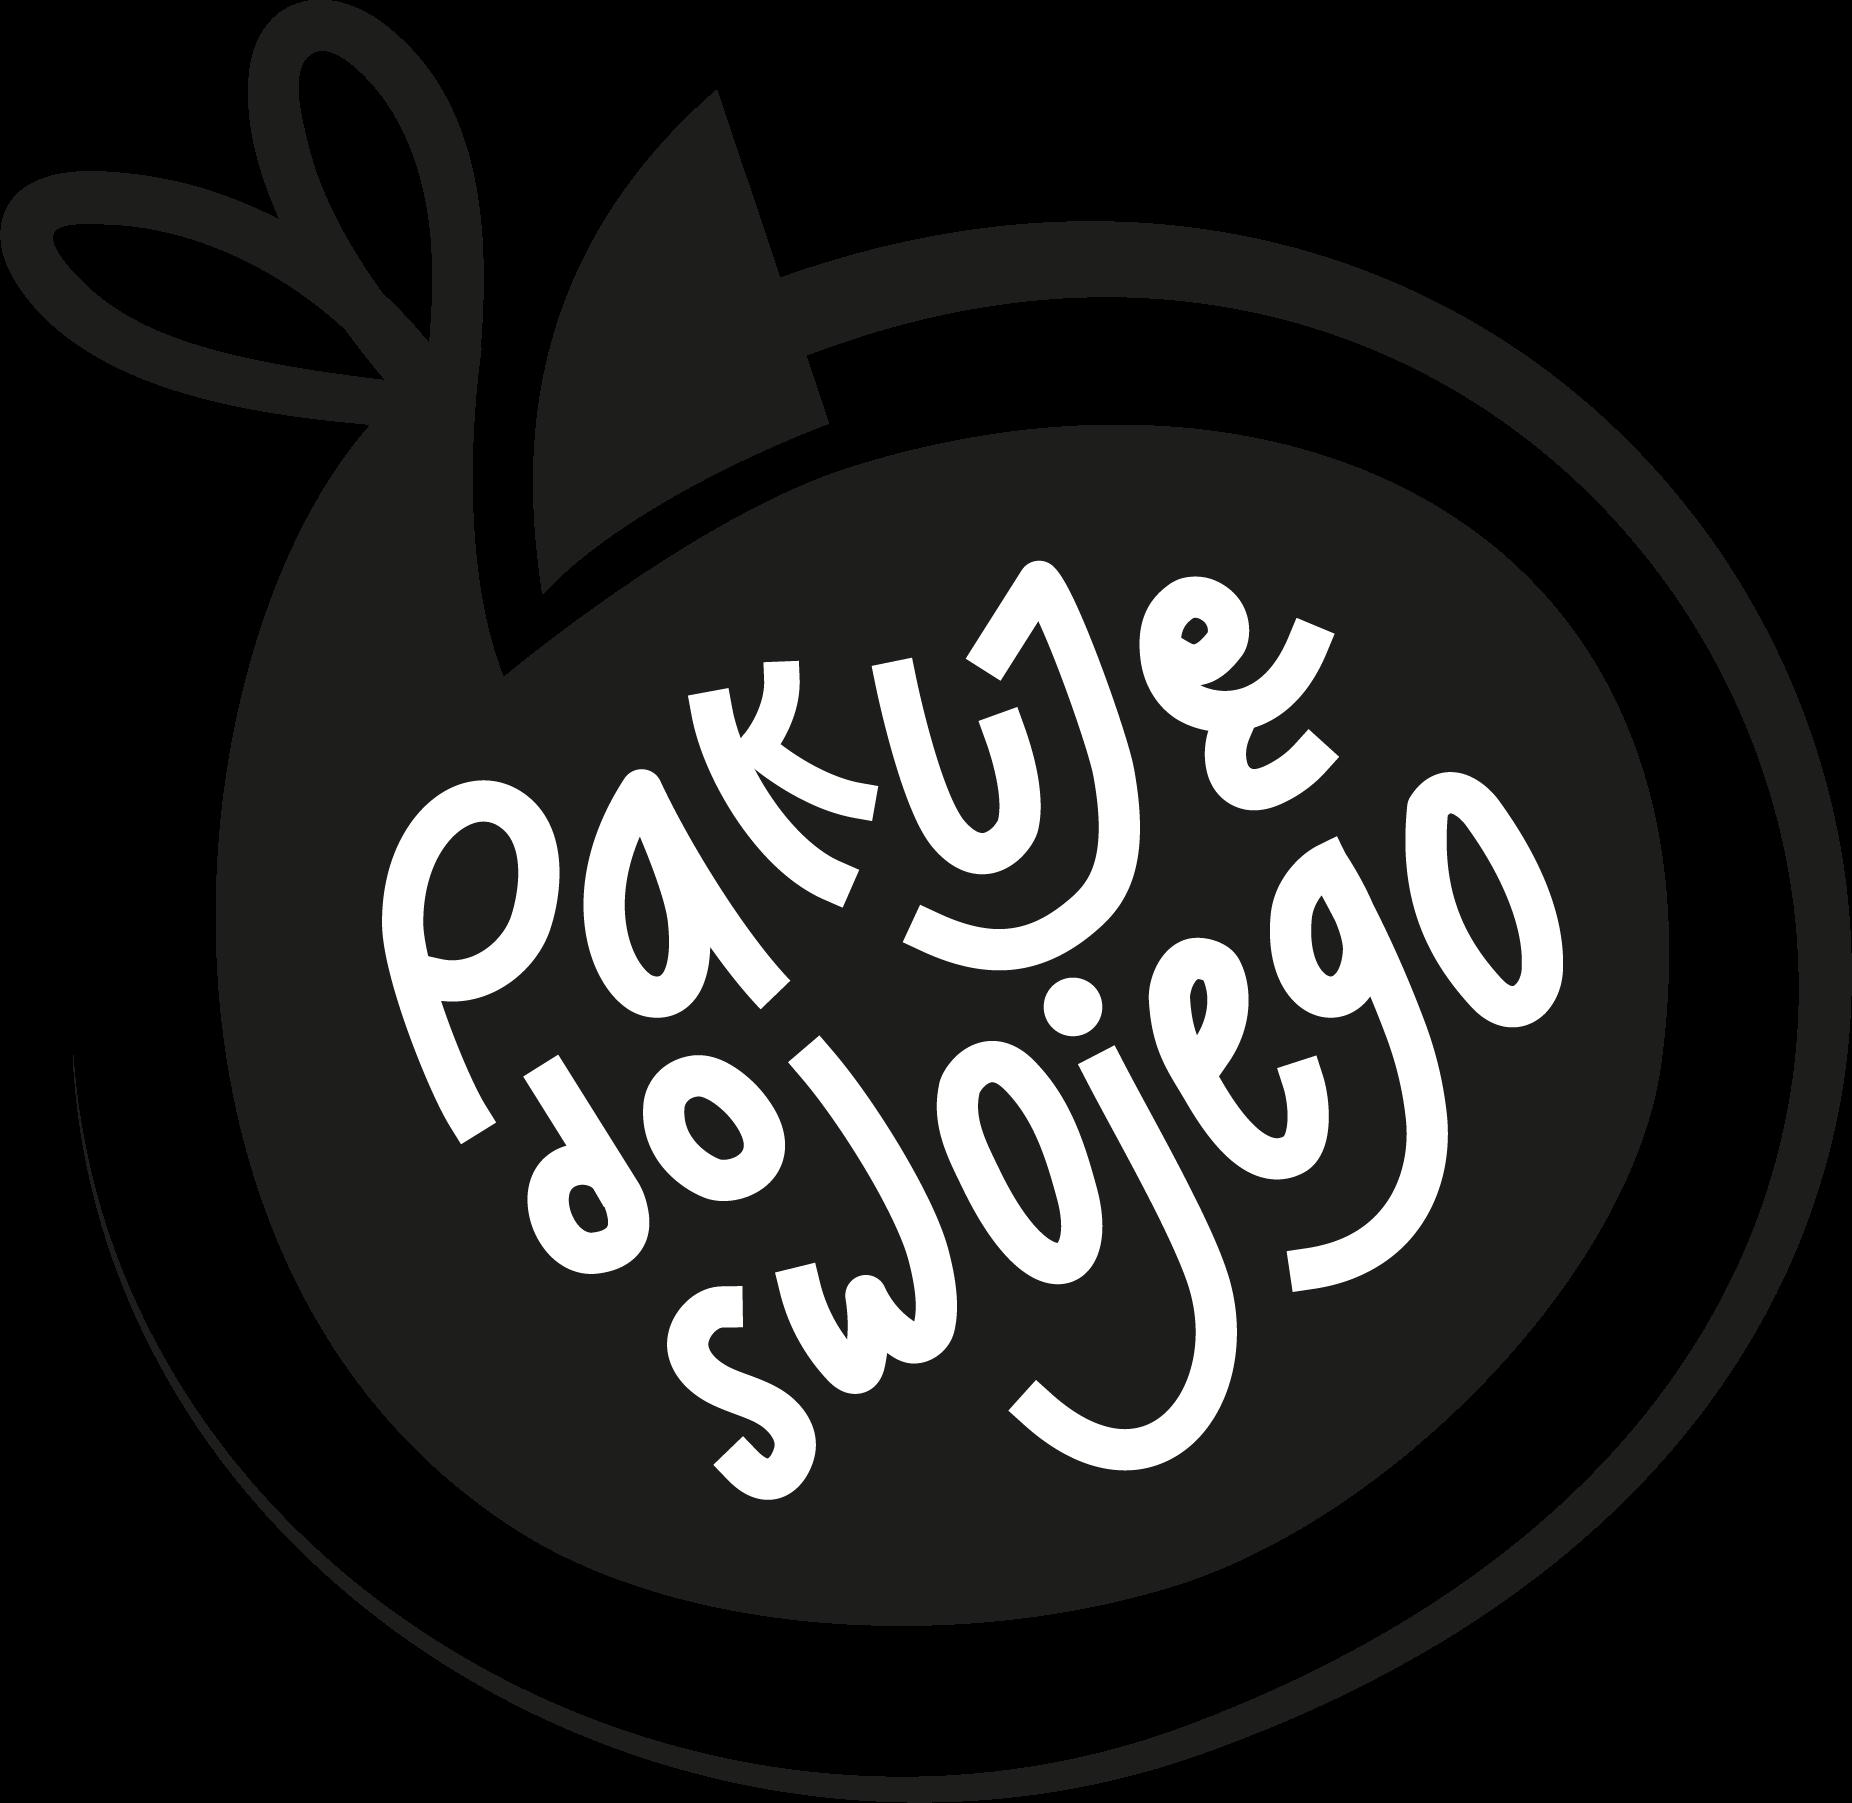 logo Pakuję do swojego przezroczyste tło